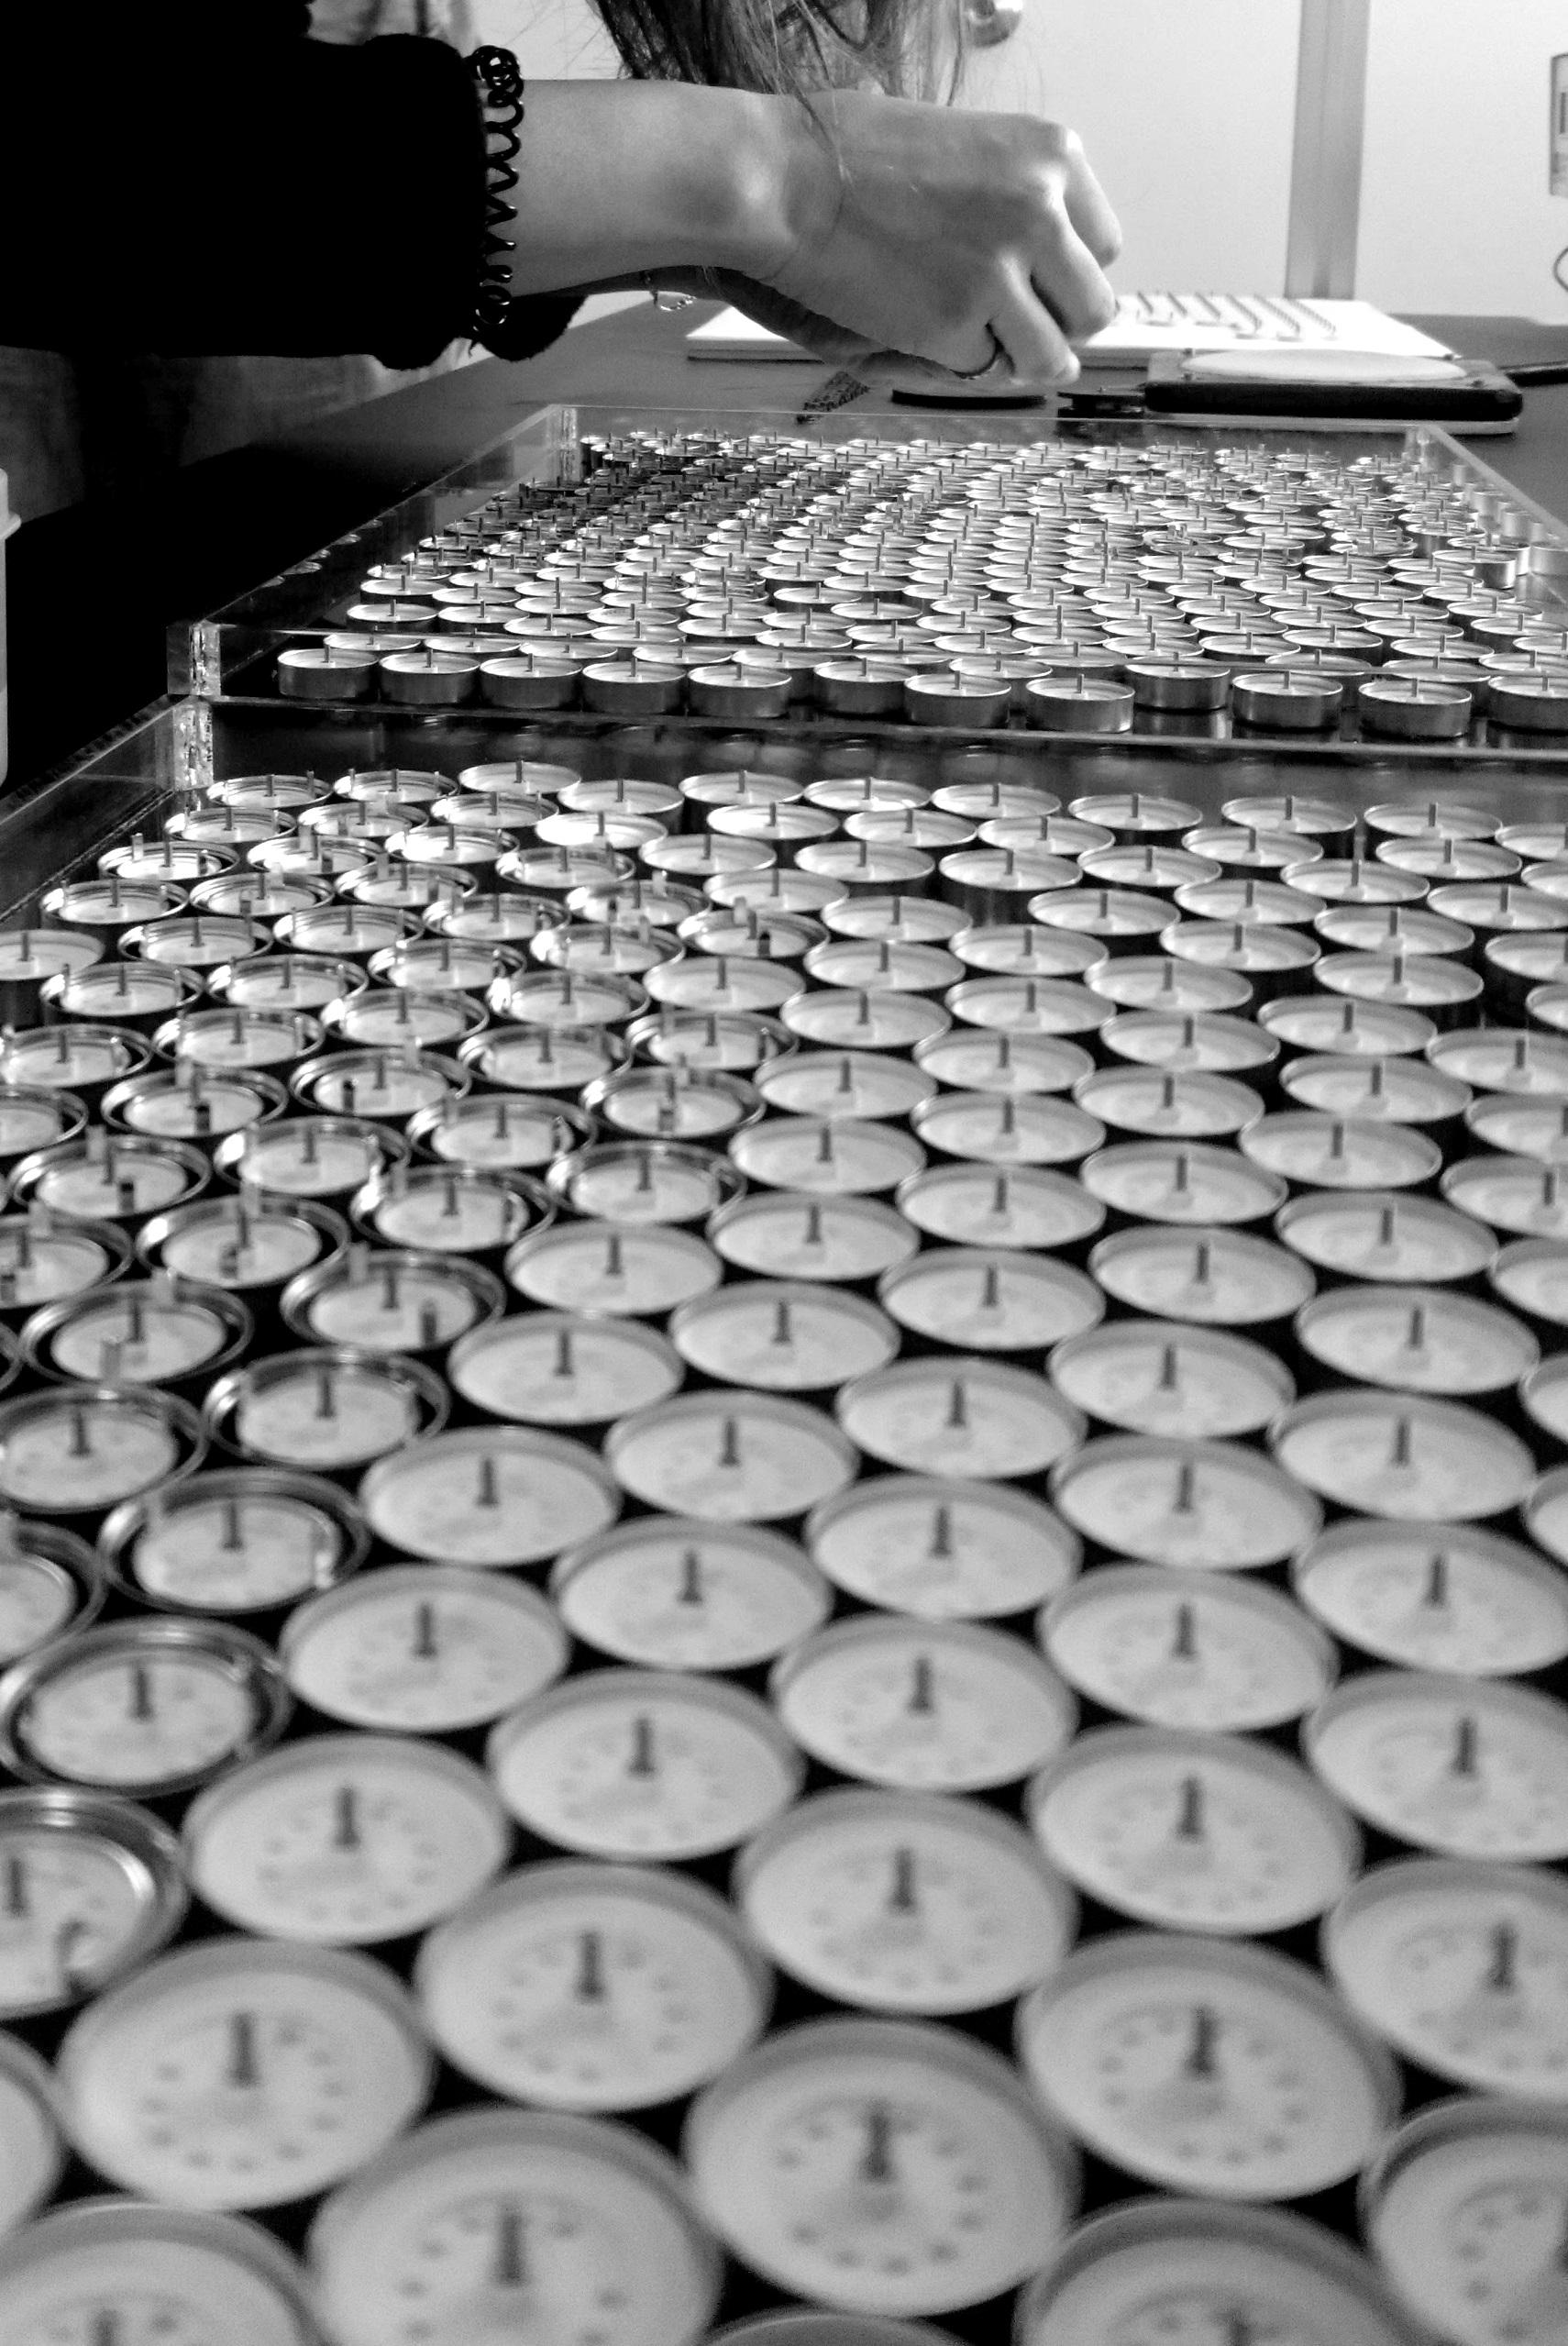 MIPRO manufacturing